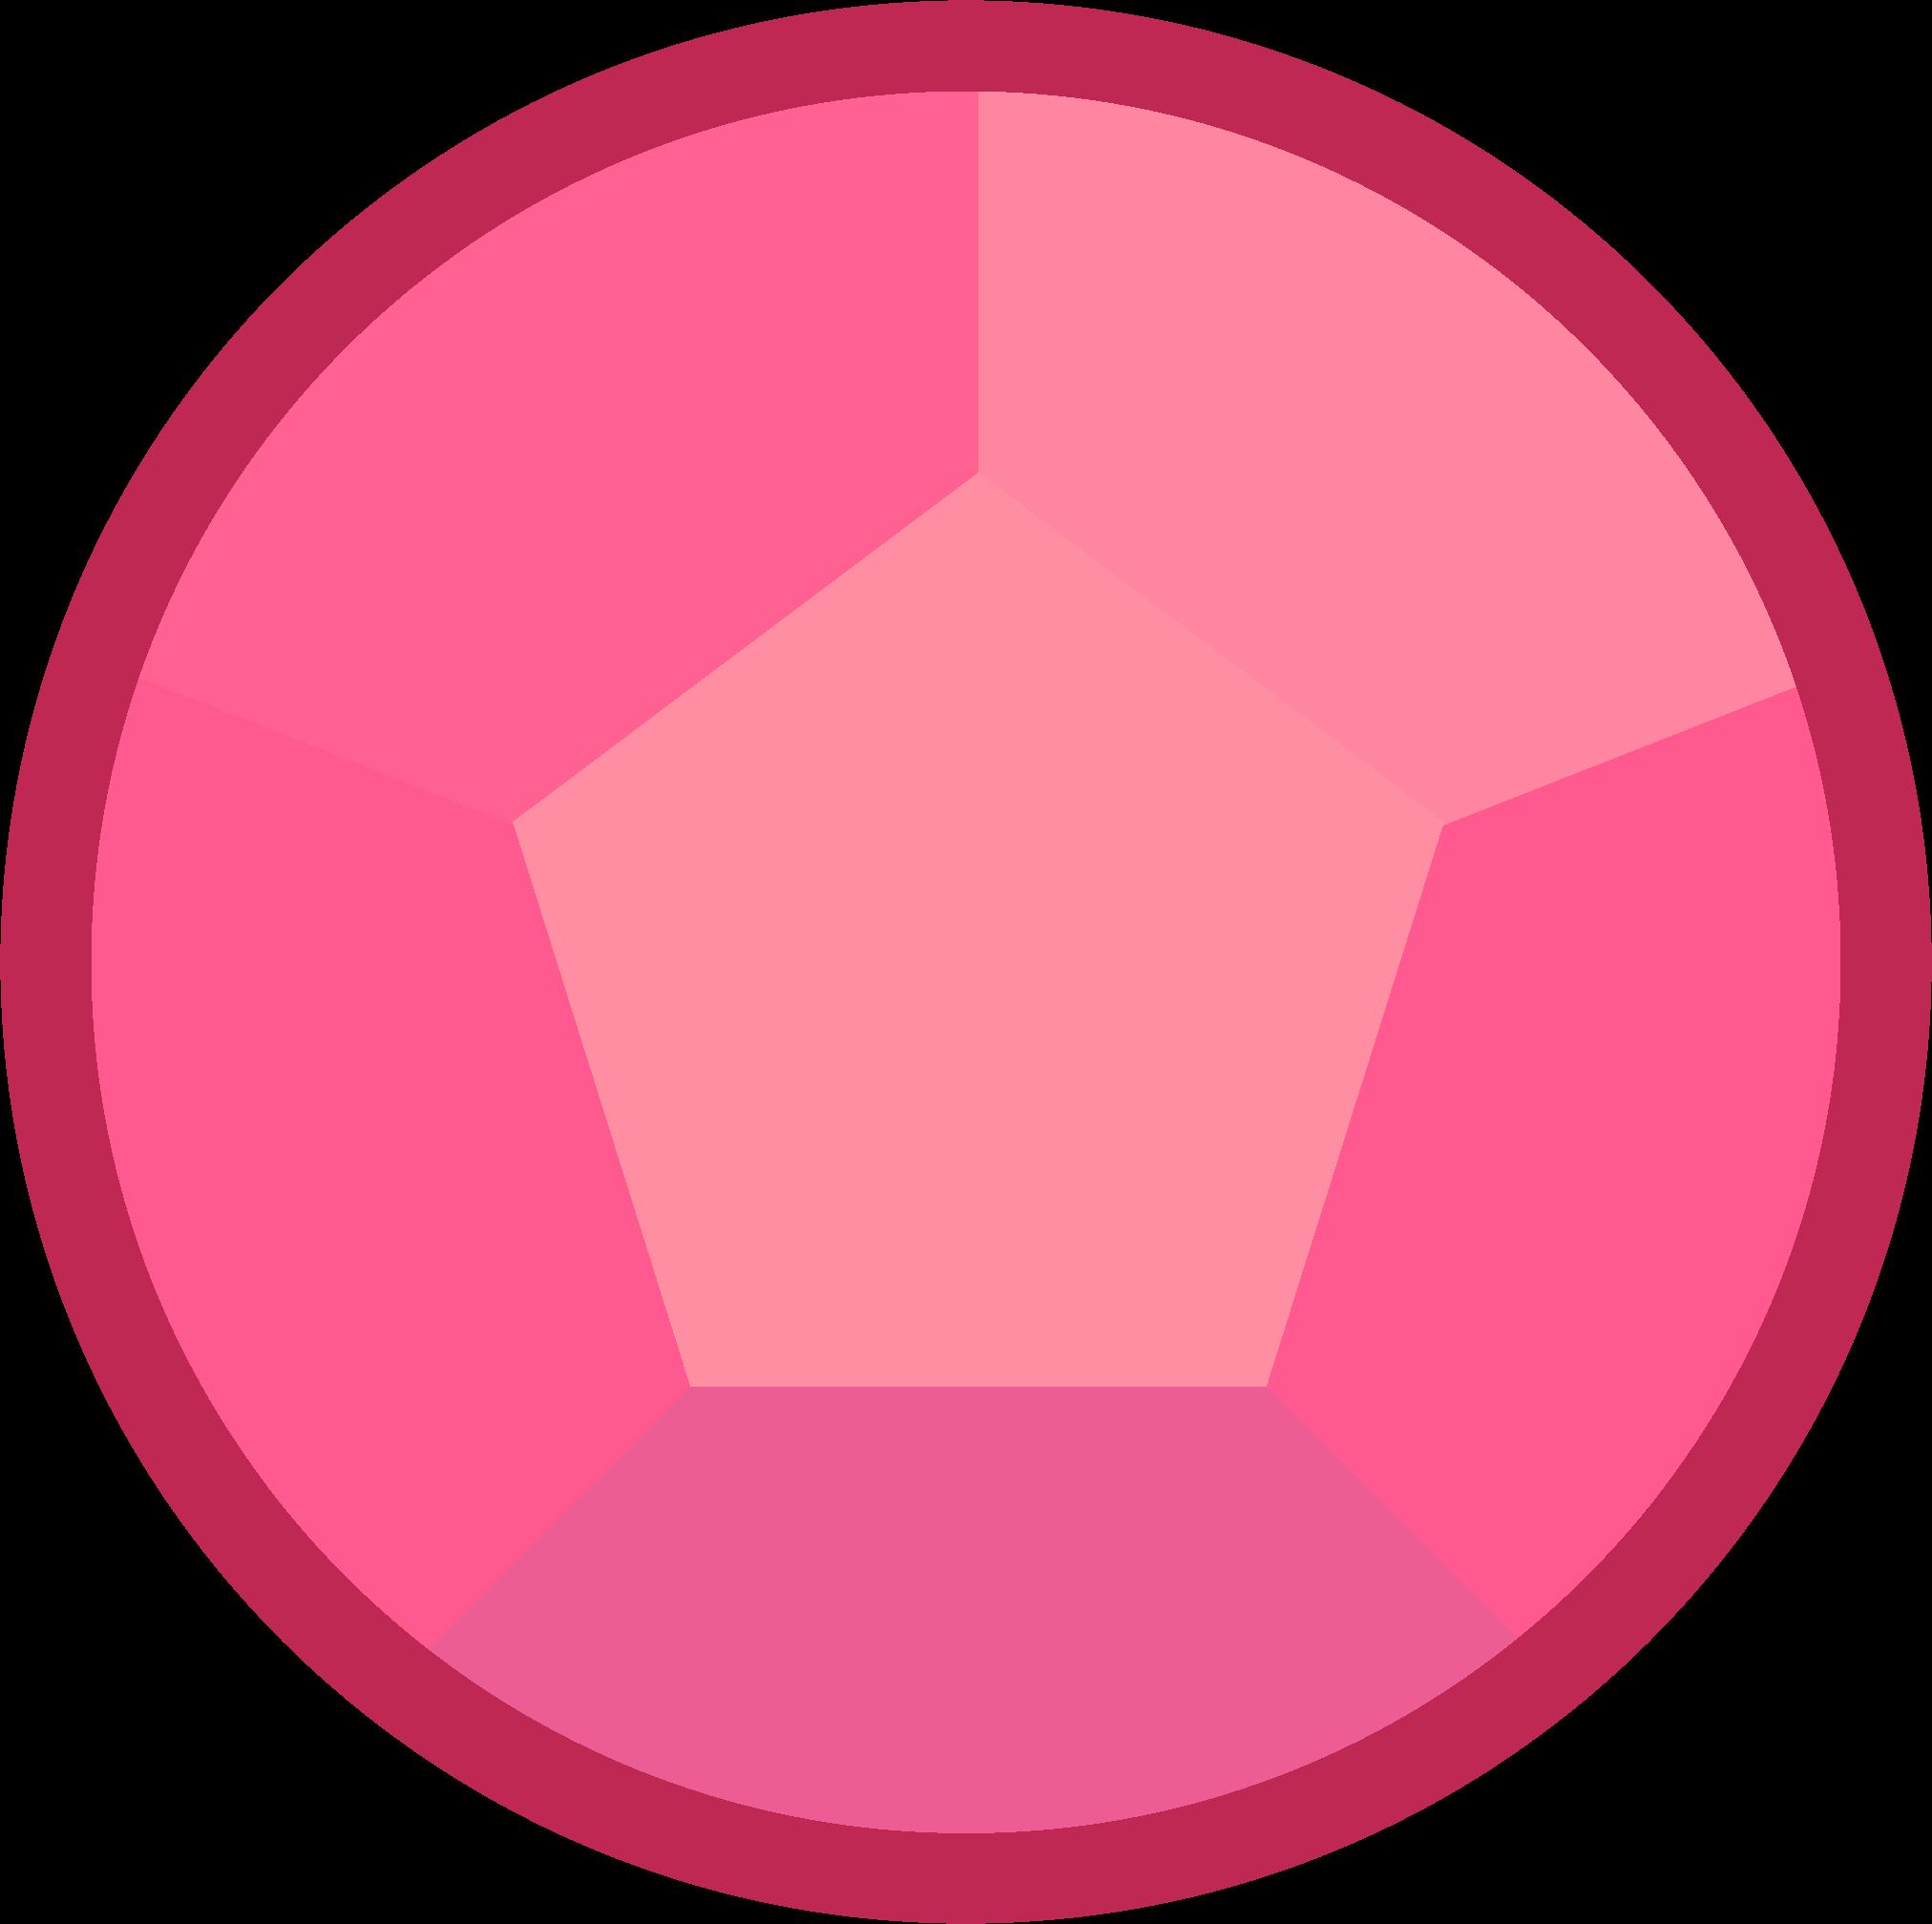 Rose Quartz S Gem Steven Universe Steven Universe